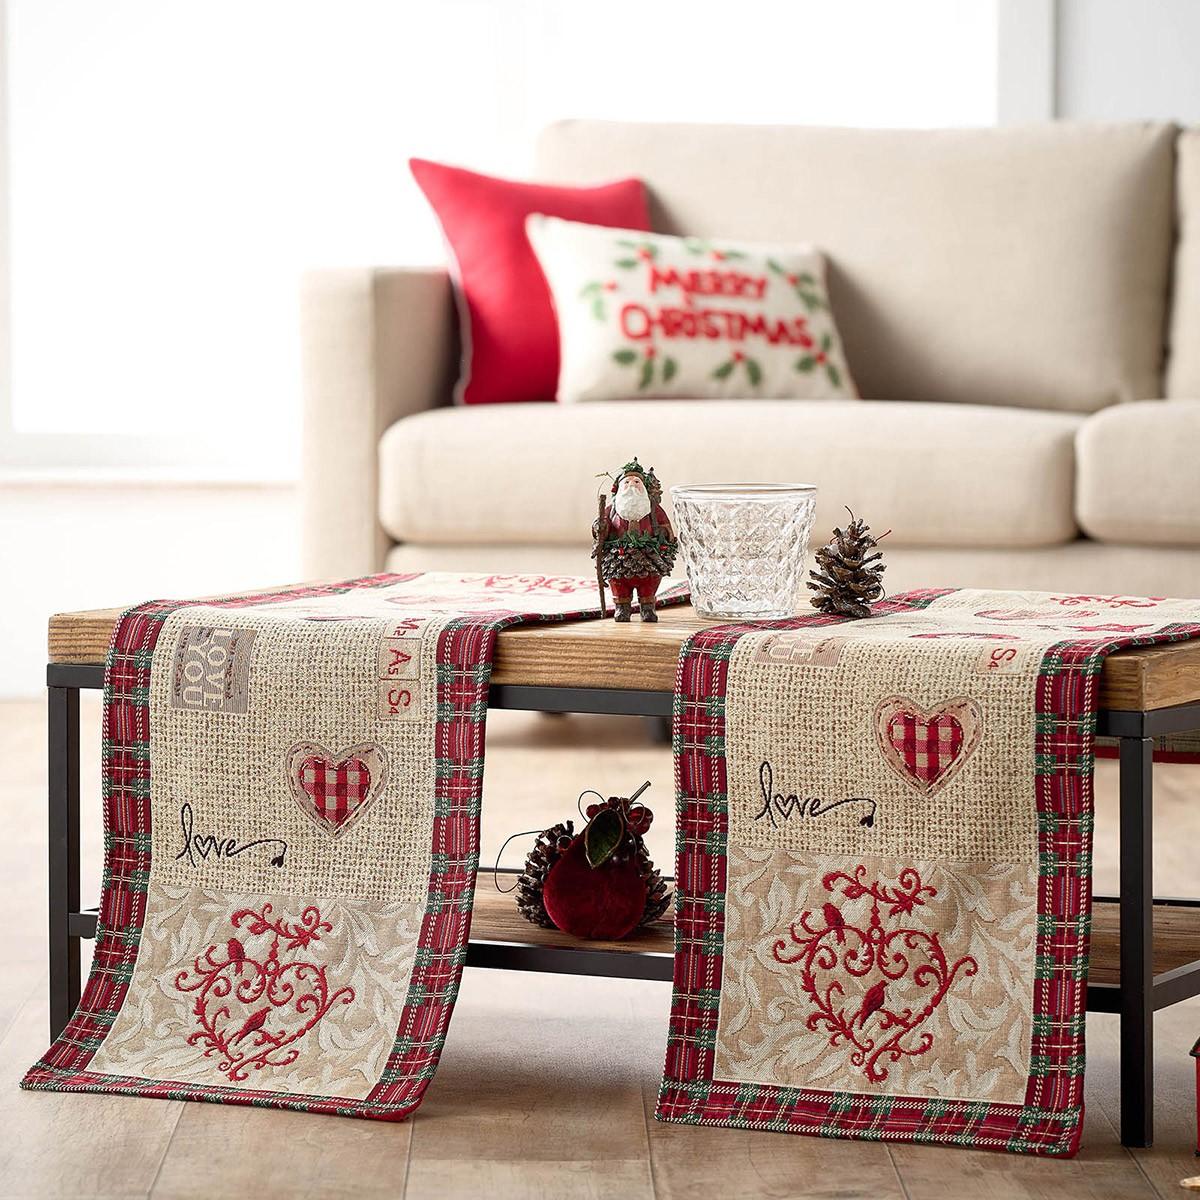 Χριστουγεννιάτικη Τραβέρσα (45x140) Gofis Home 596